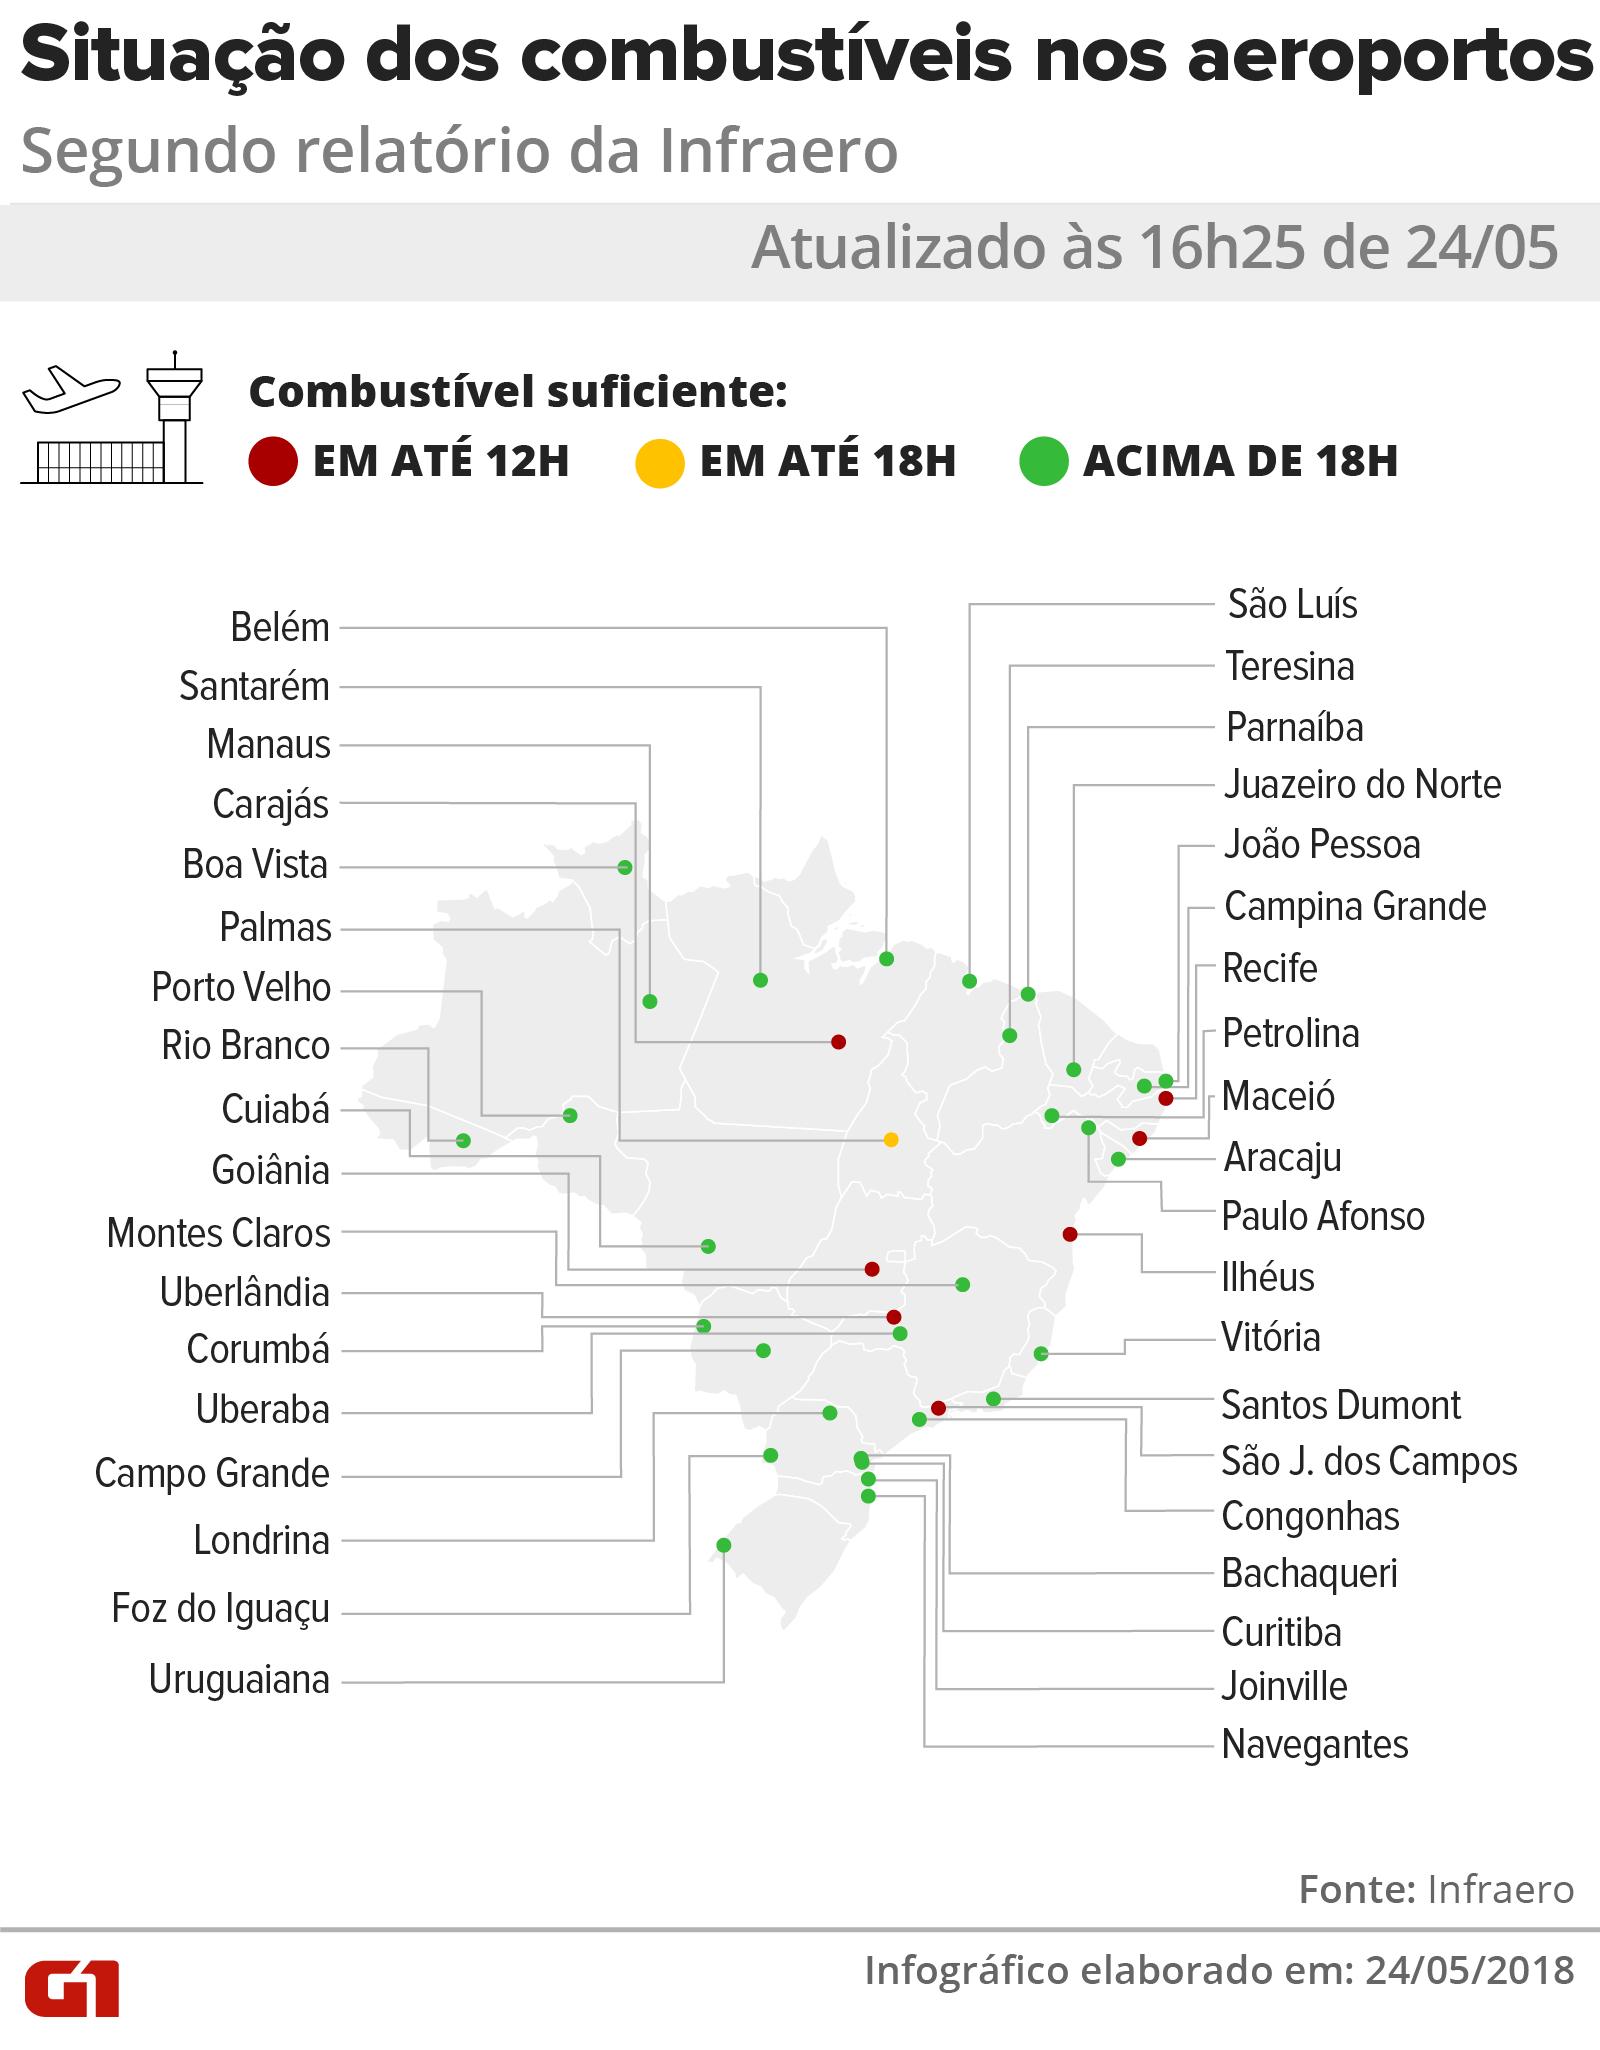 Novo relatório da Infraero aponta que aeroportos de Recife, Palmas, Maceió e Goiânia tem combustível até hoje